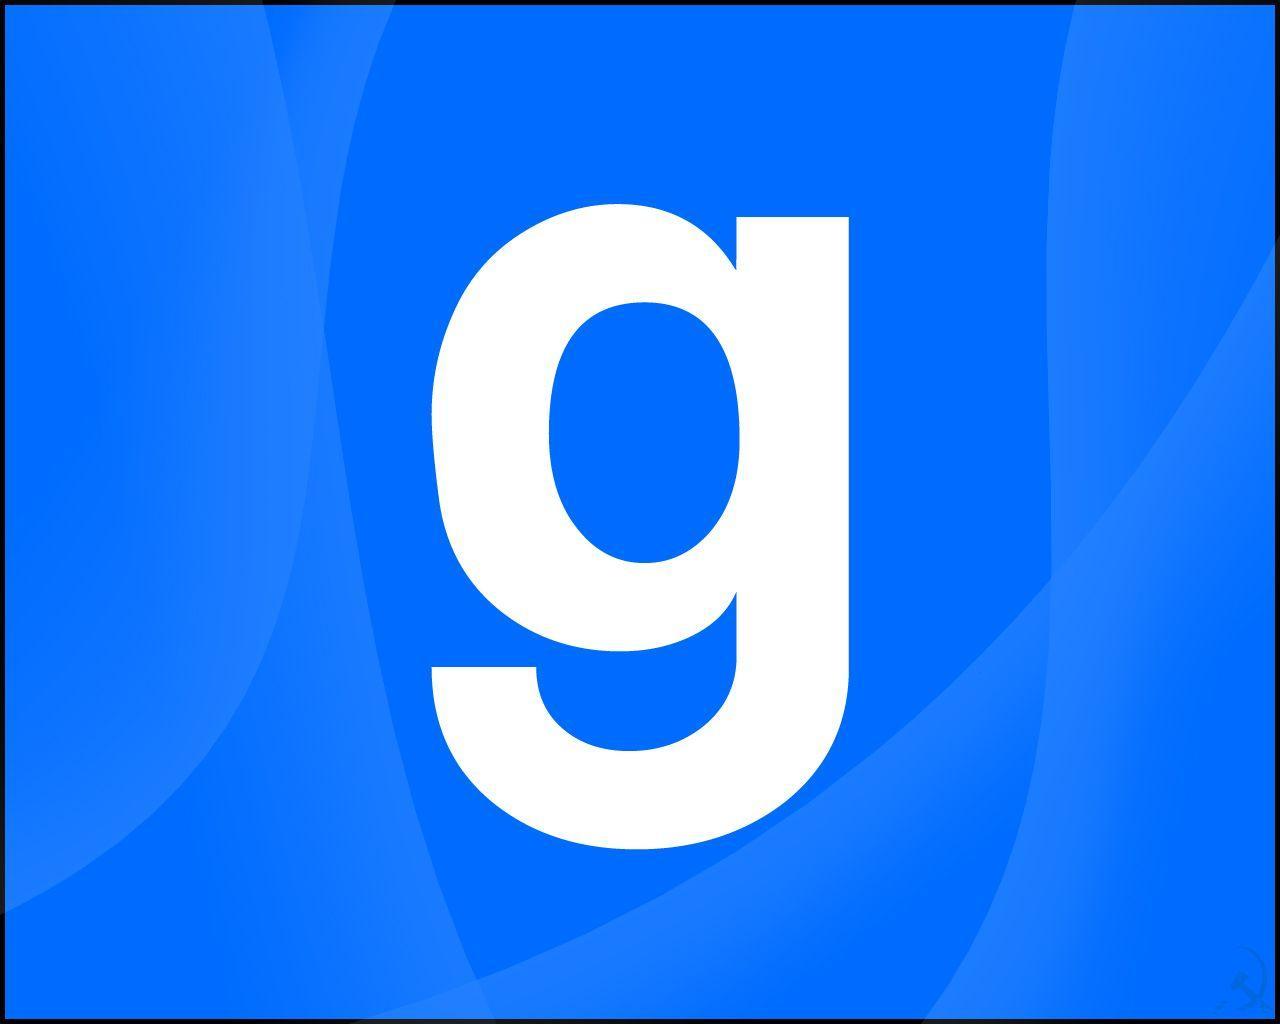 Garrys Mod Wallpapers 1280x1024